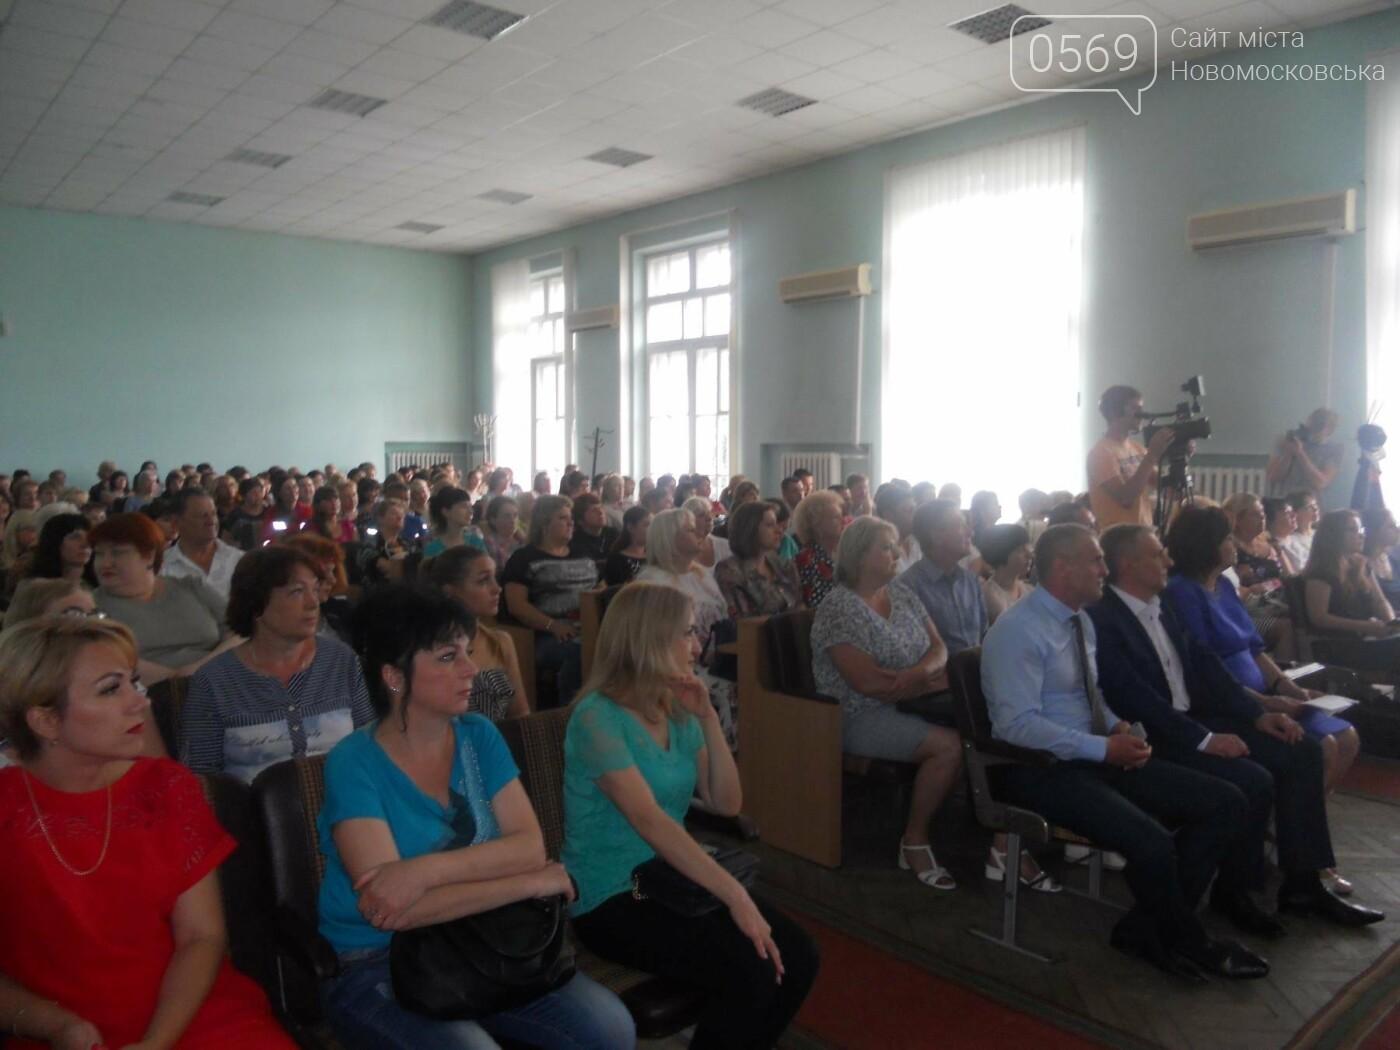 Новомосковських медиків привітали з професійним святом, фото-1